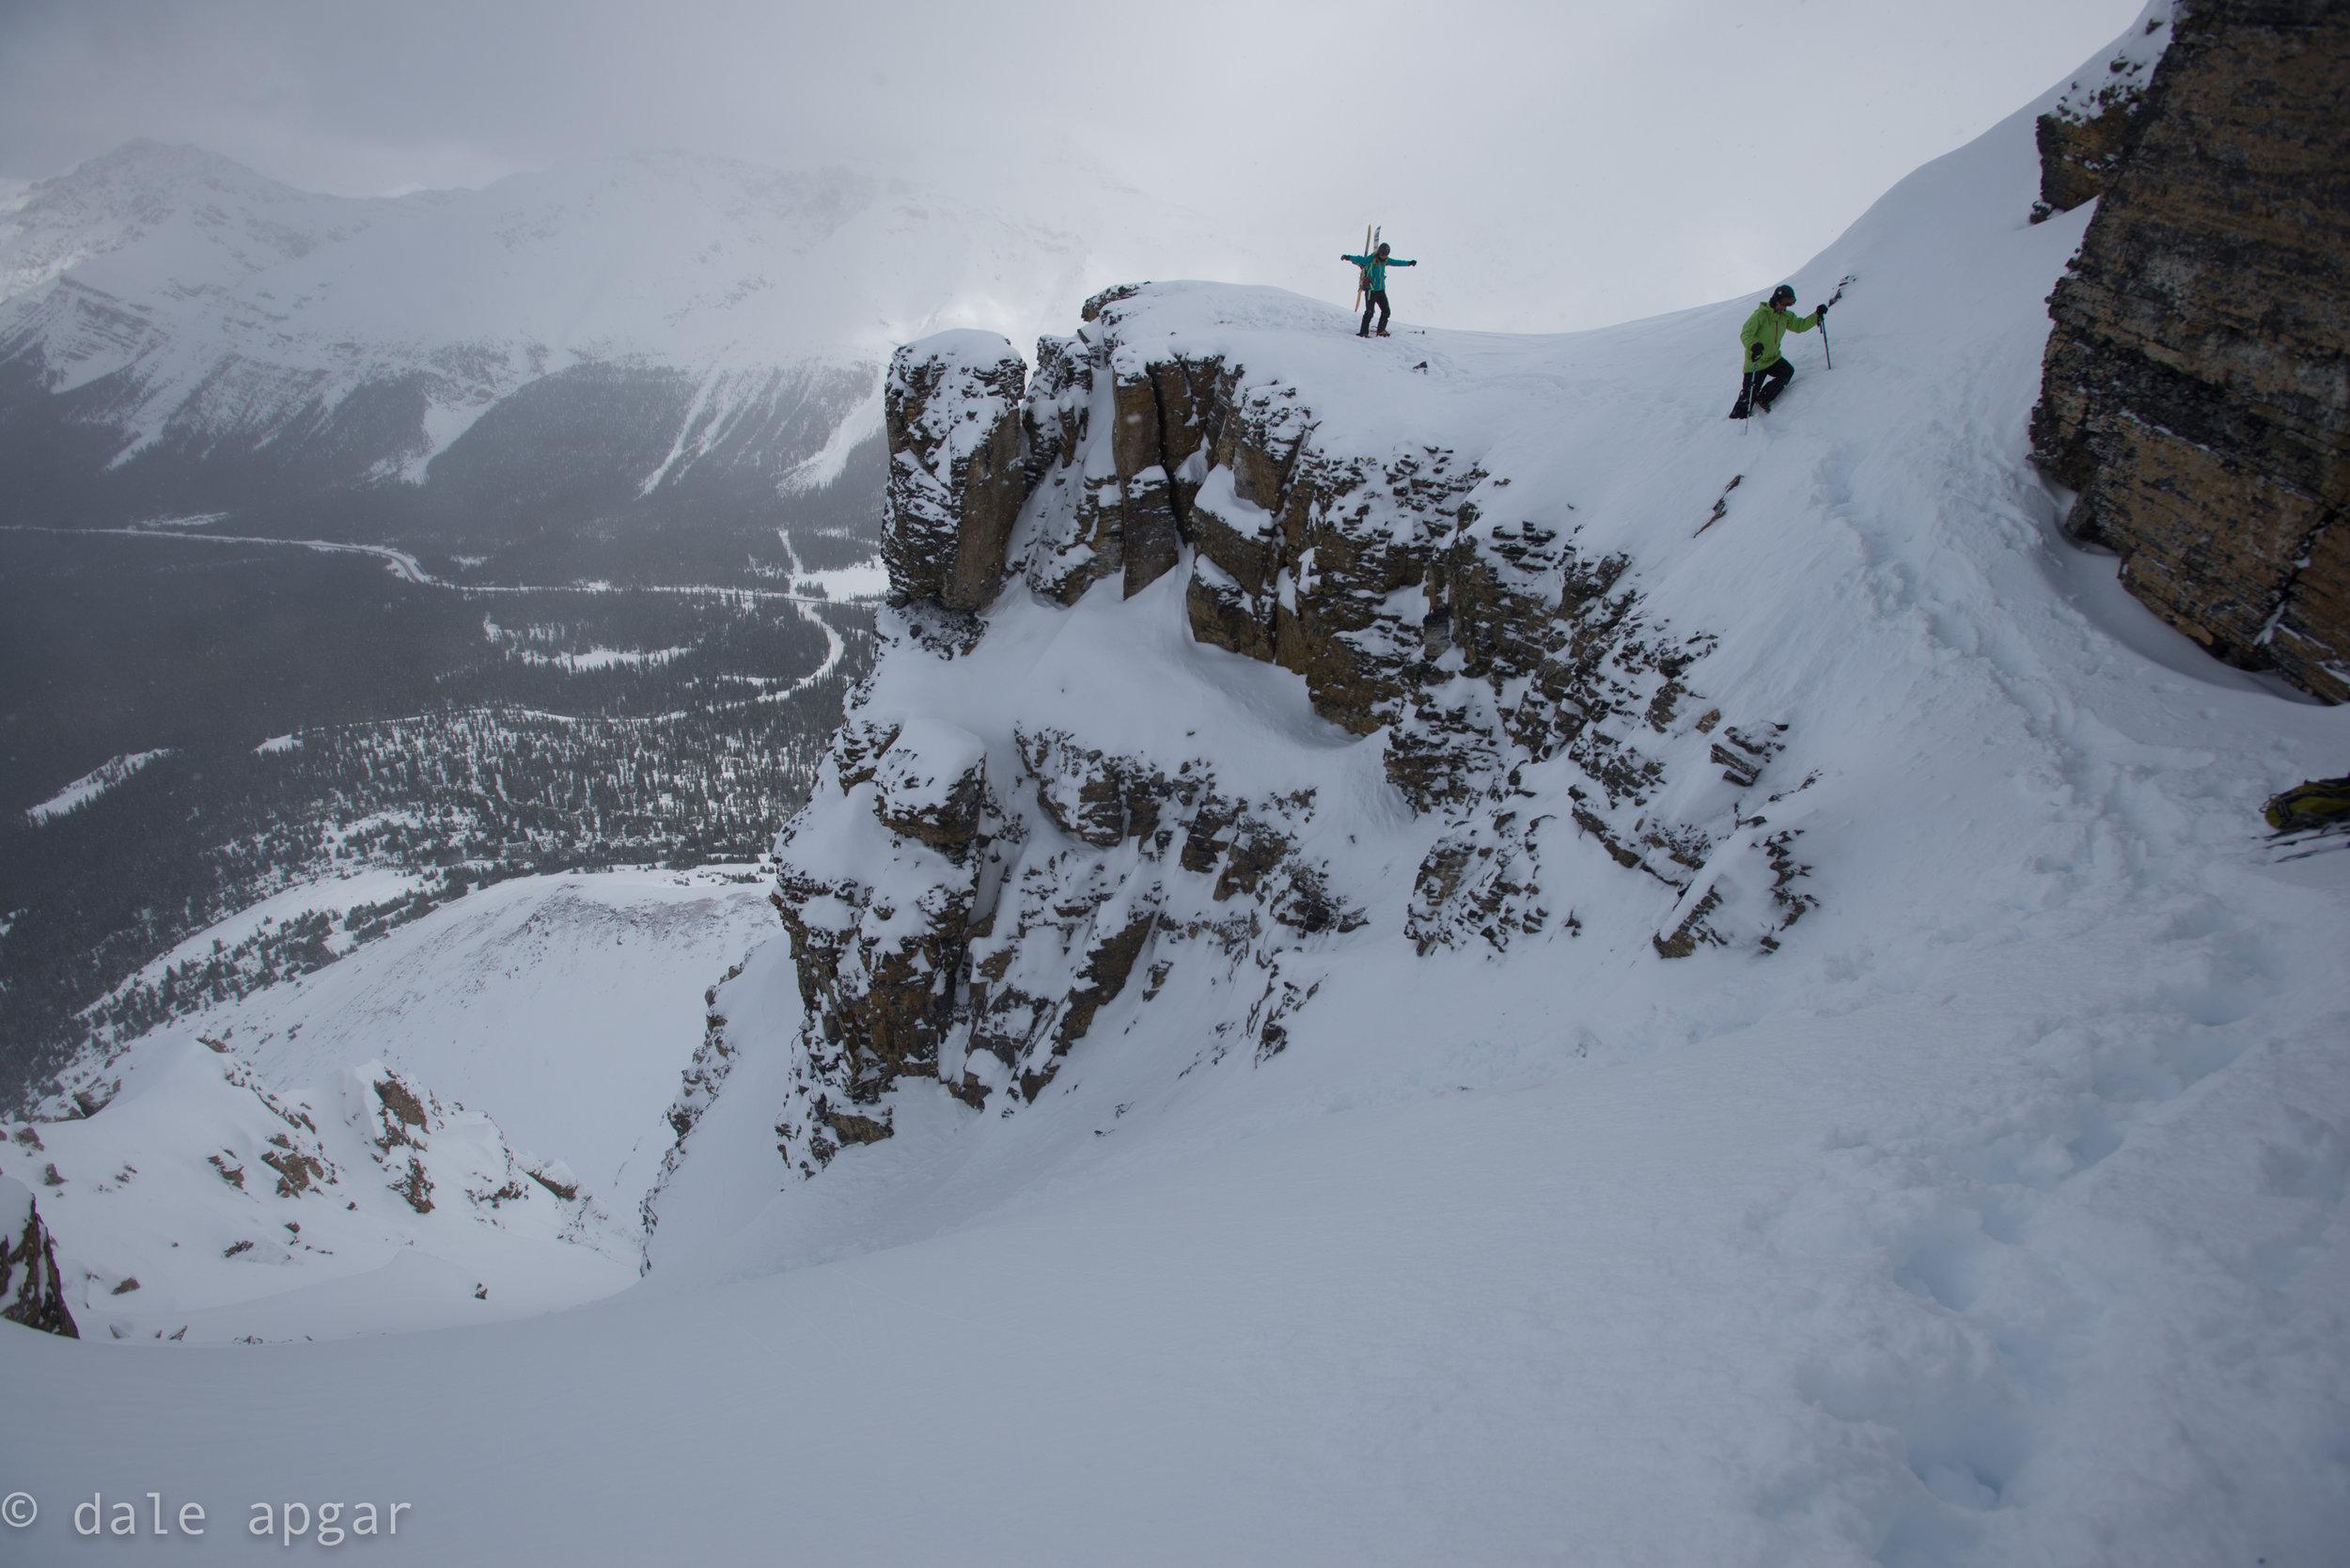 I sure like a good ski